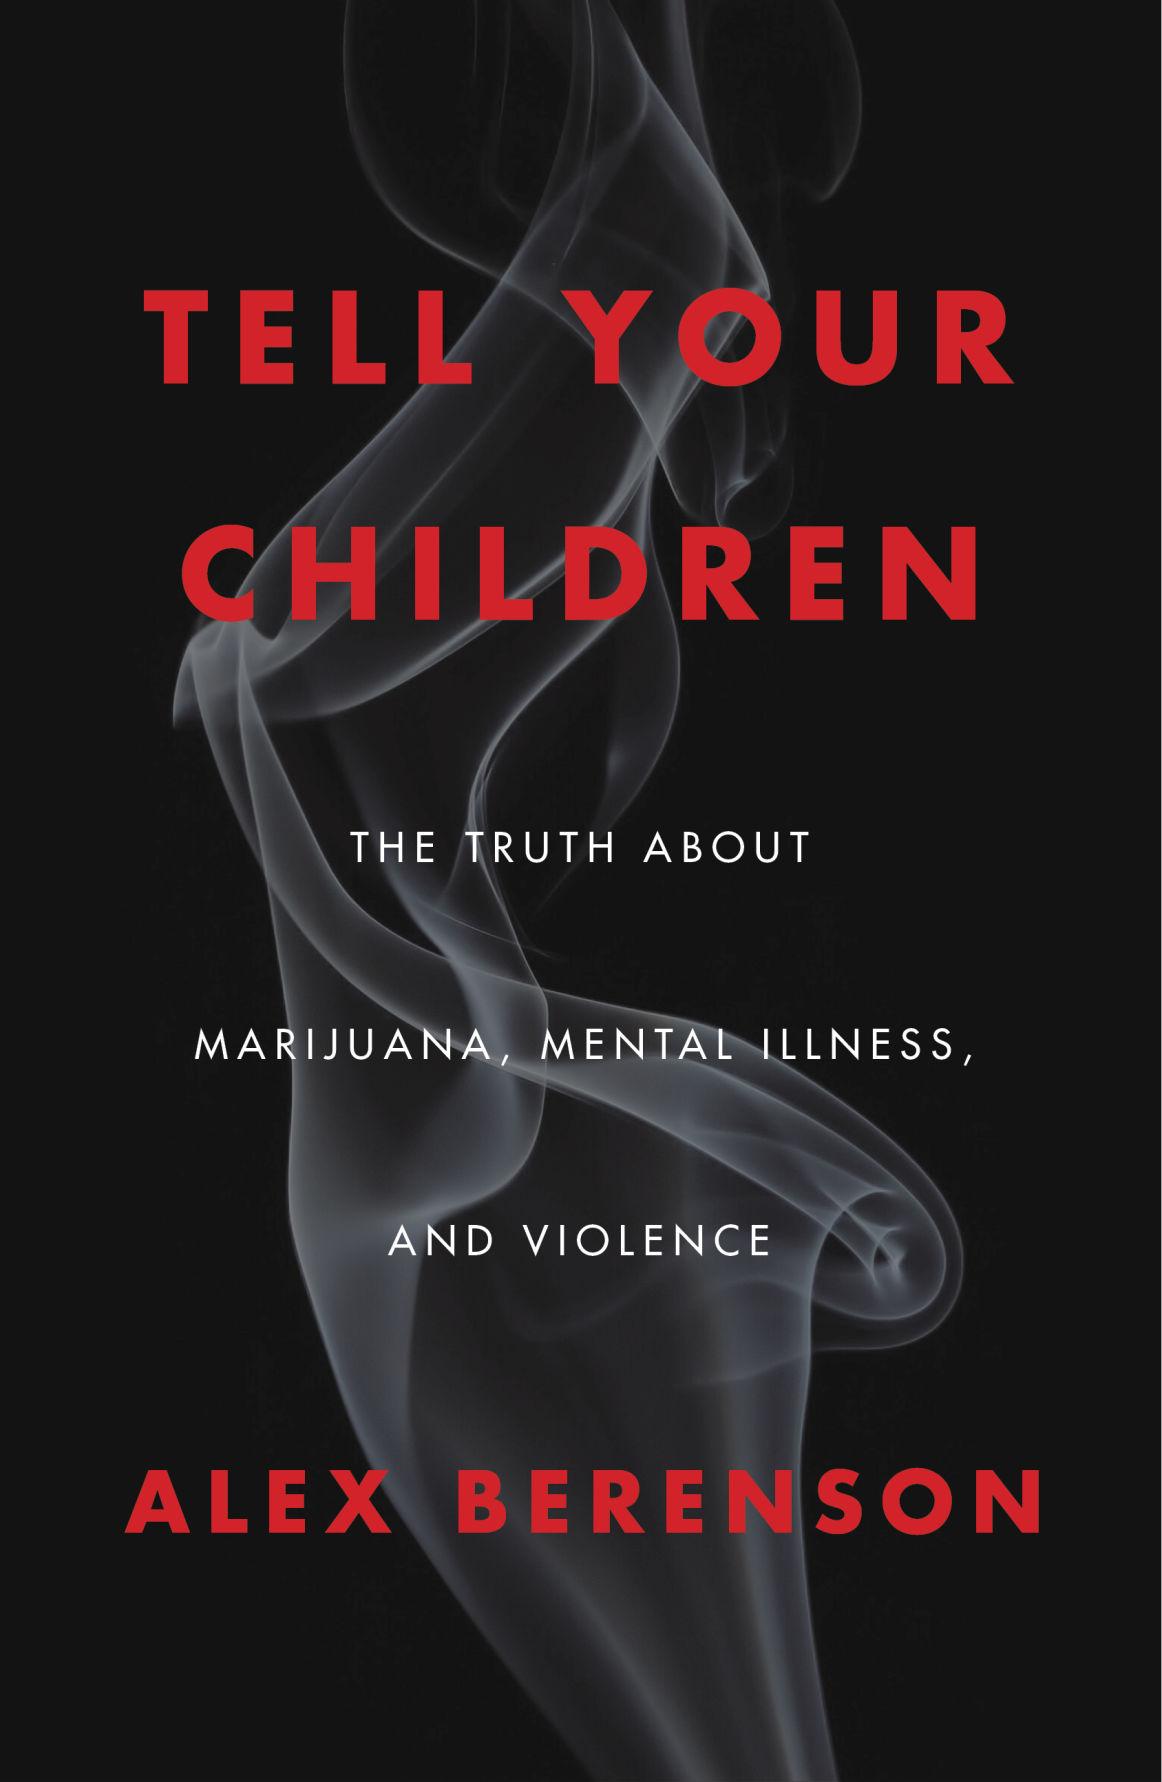 Alex Berenson's new book.